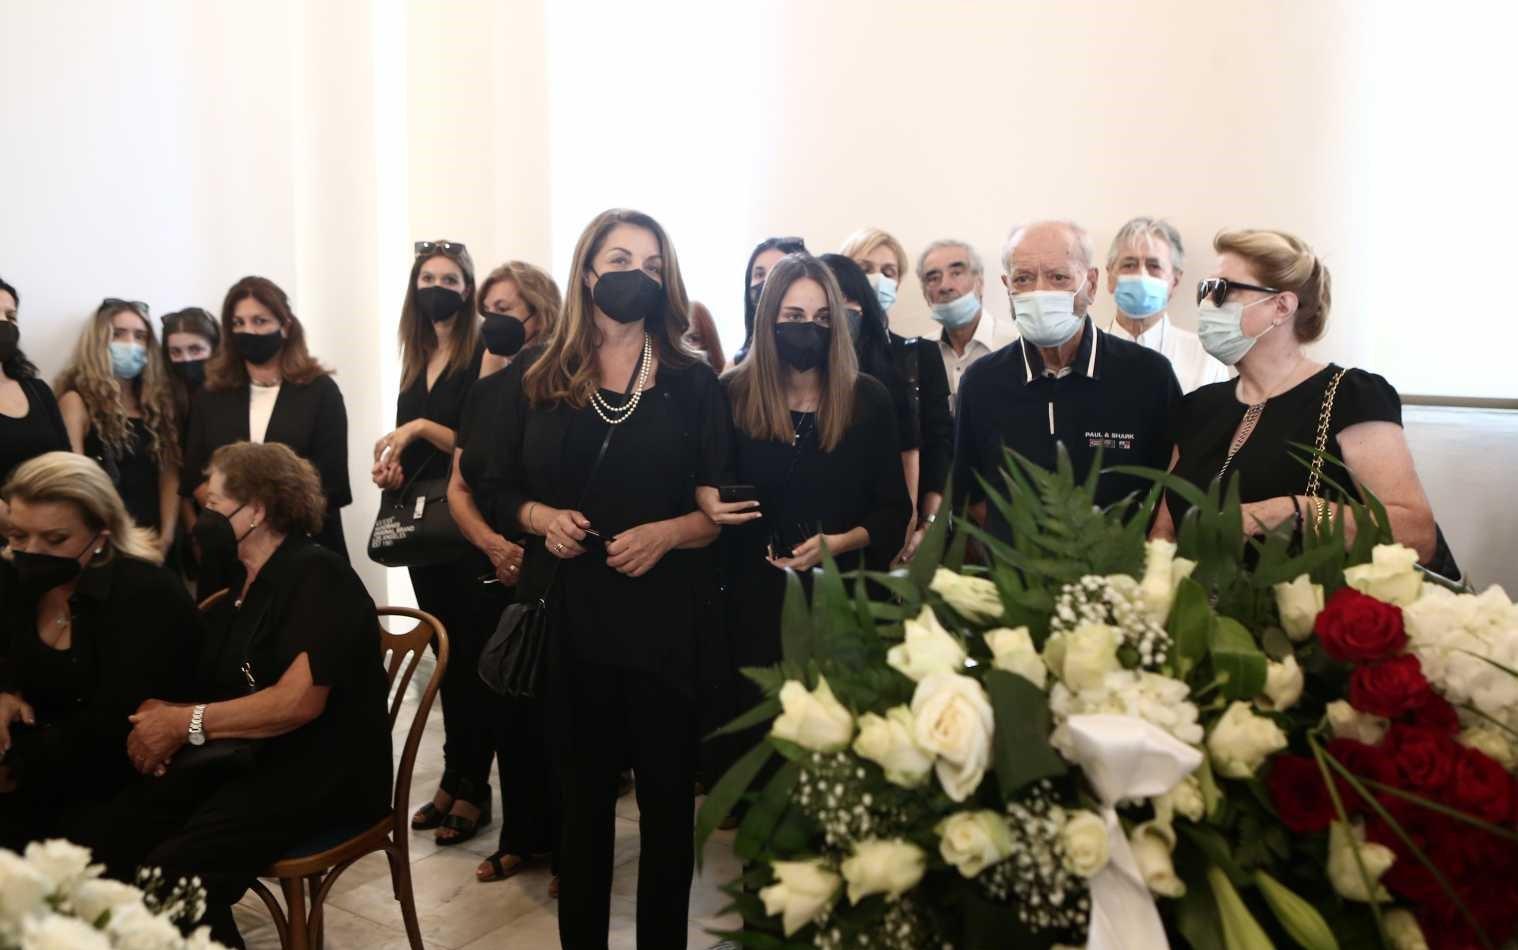 Τόλης Βοσκόπουλος: Συντετριμμένες η σύζυγος του και η κόρη του στο τελευταίο αντίο (εικόνες)